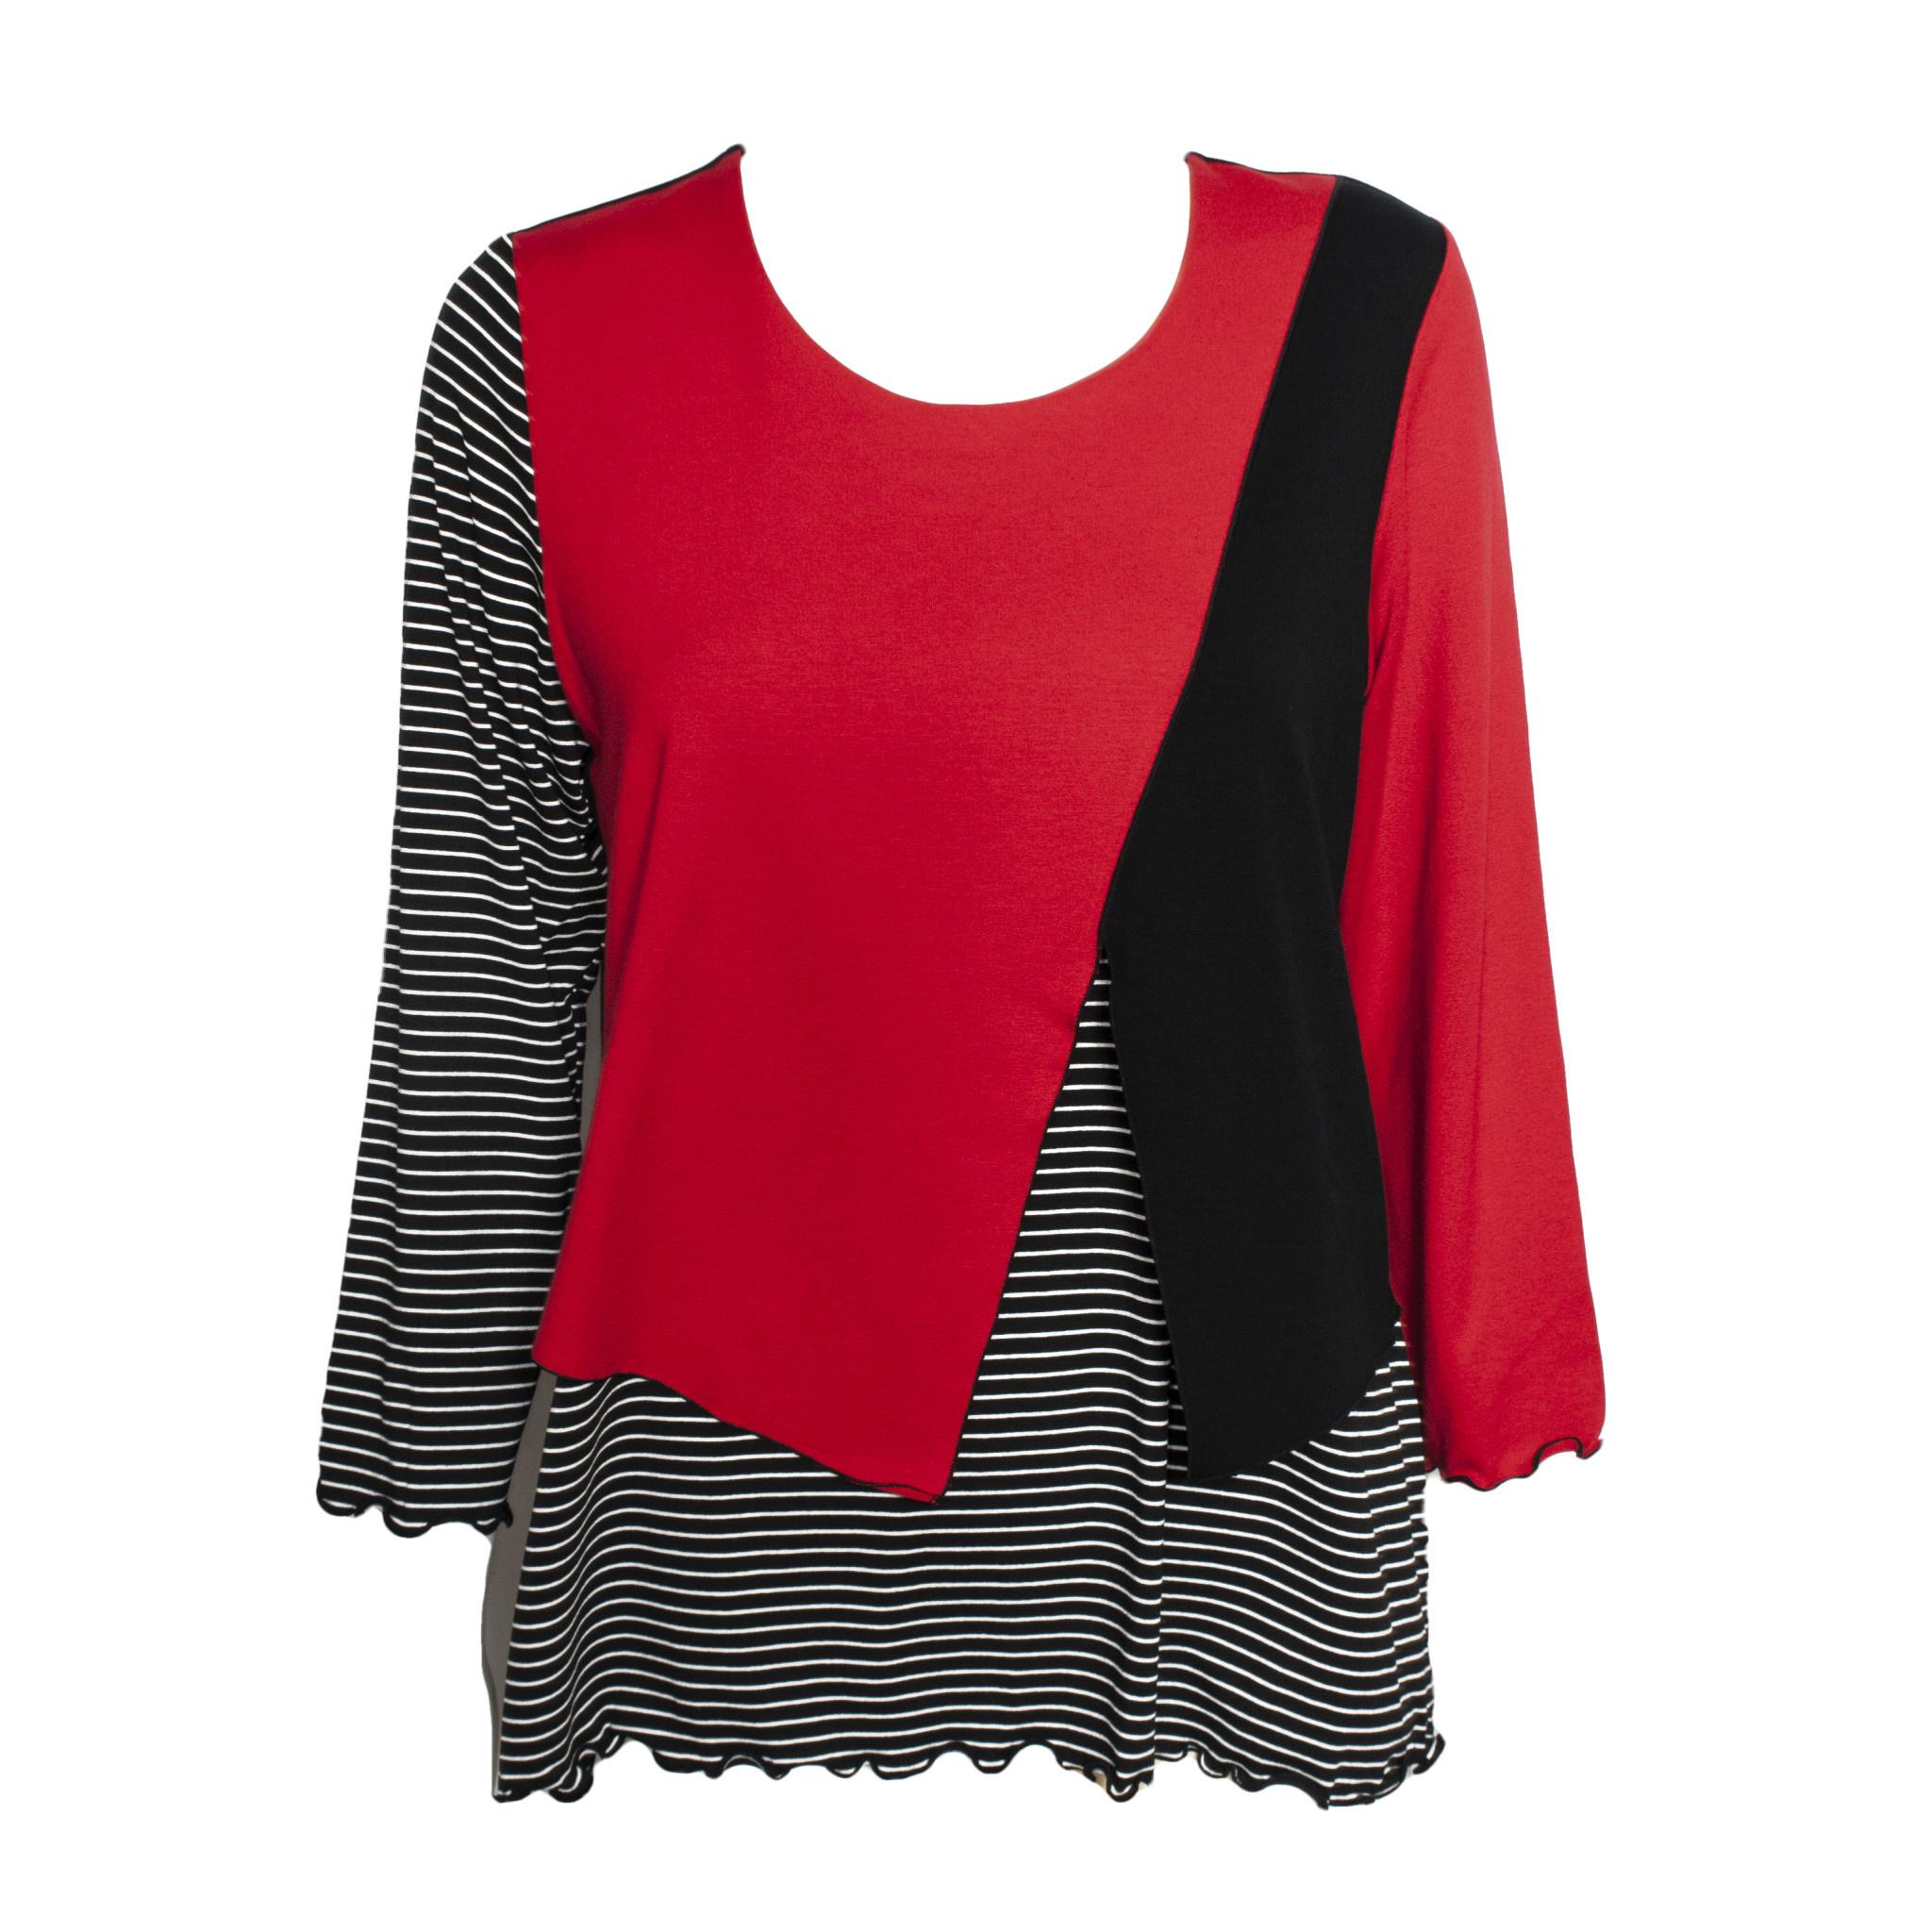 Sondra Sardis Sondra Sardis Crossover Tee - Red/Black